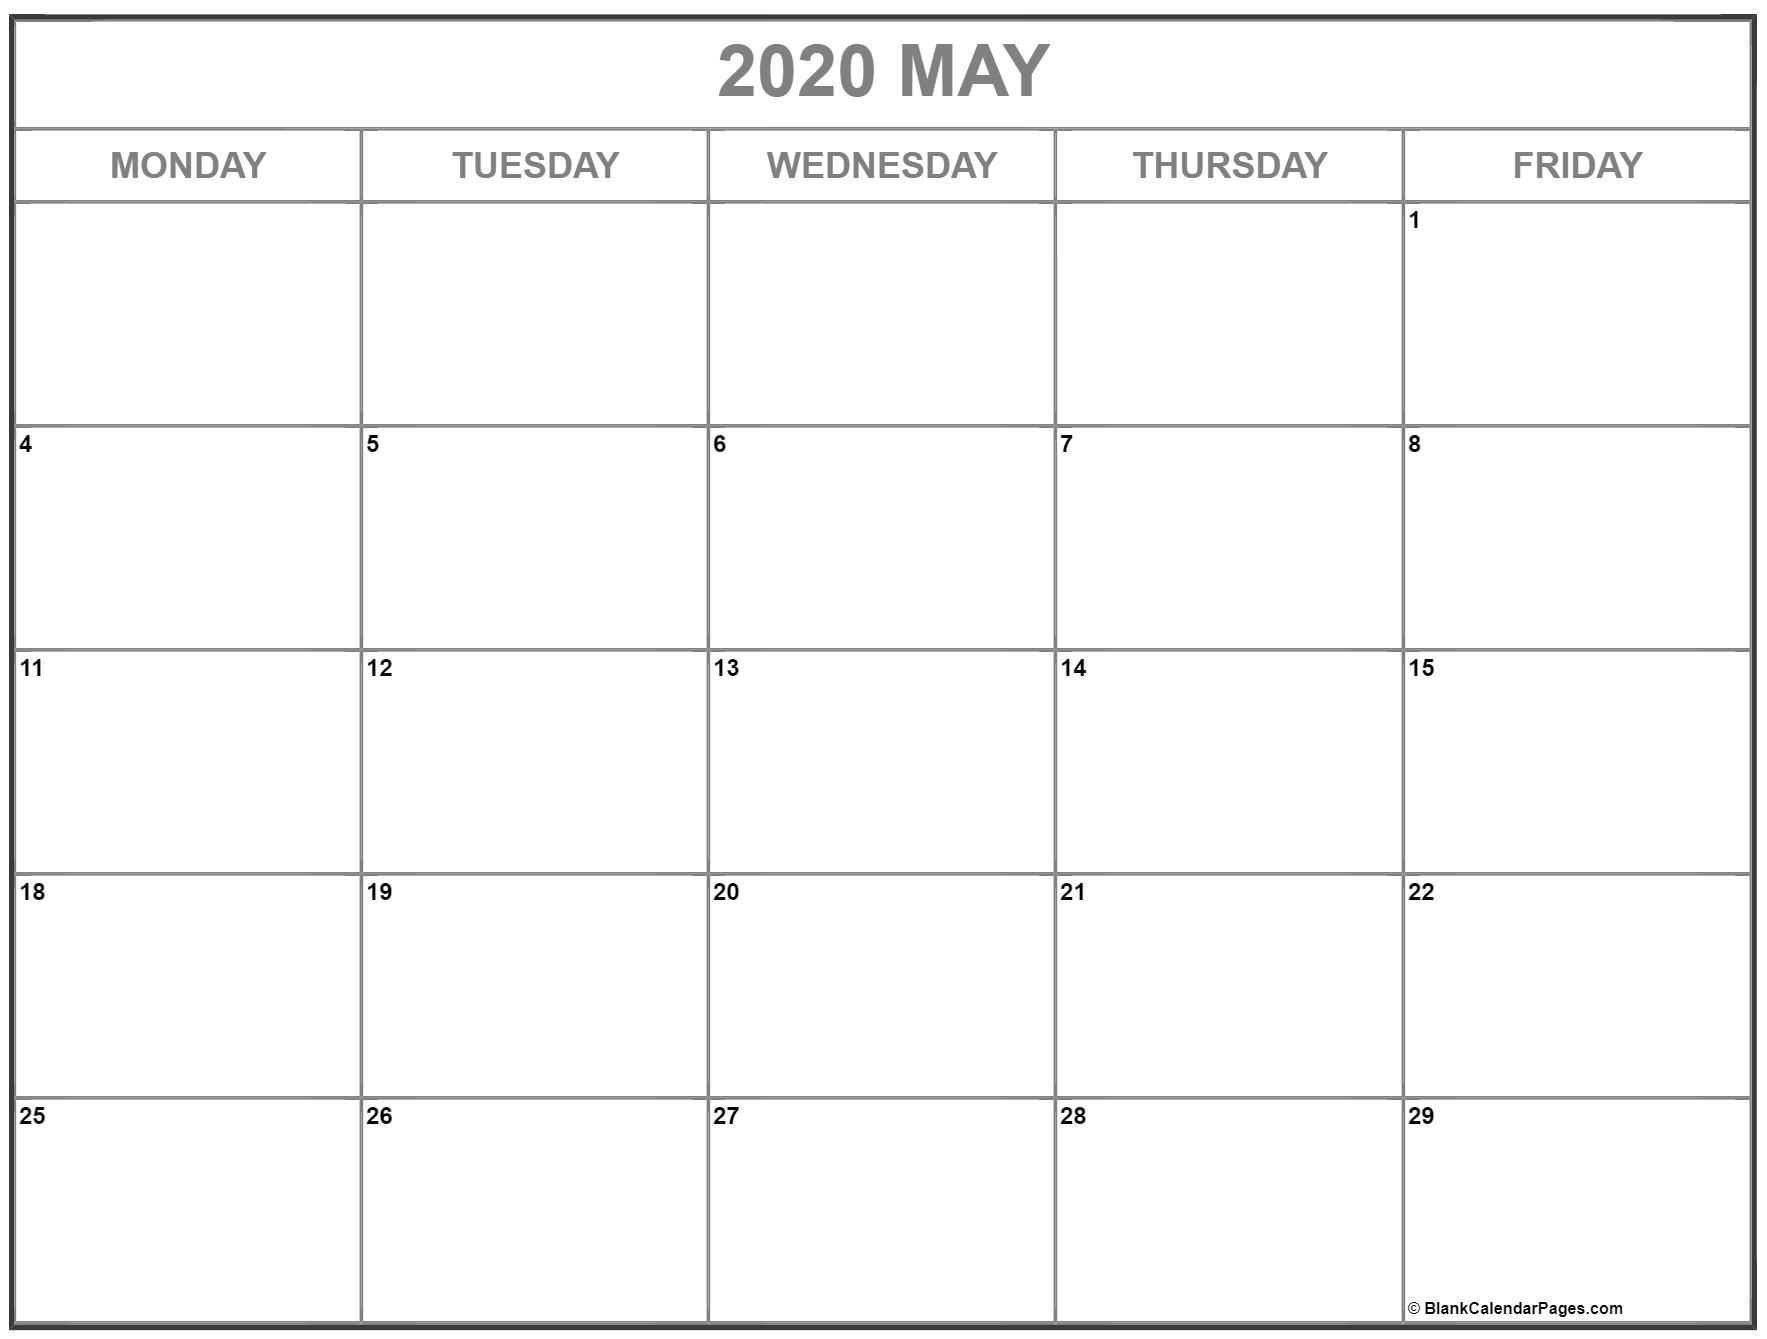 May 2020 Monday Calendar | Monday To Sunday Www.may Caldenar With Monday Thru Fri Dates